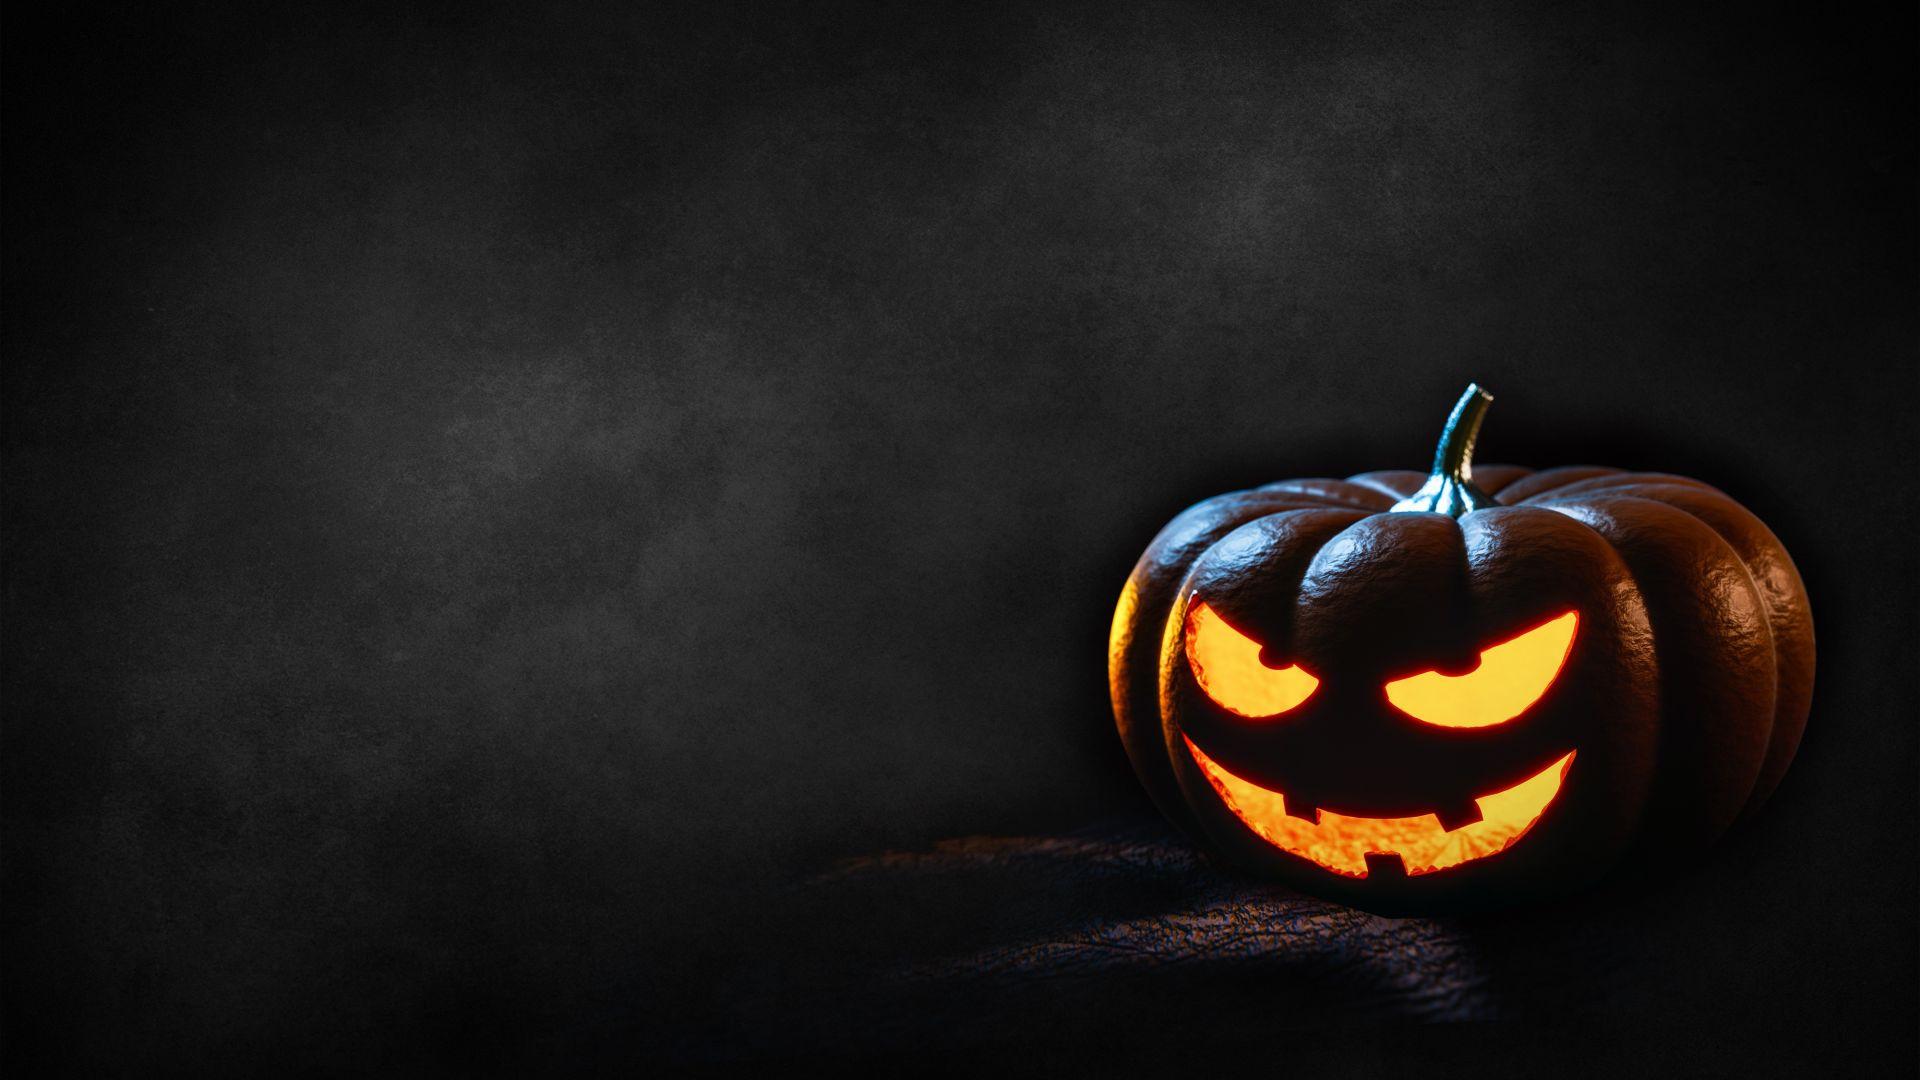 Wallpaper Happy Halloween pumpkin